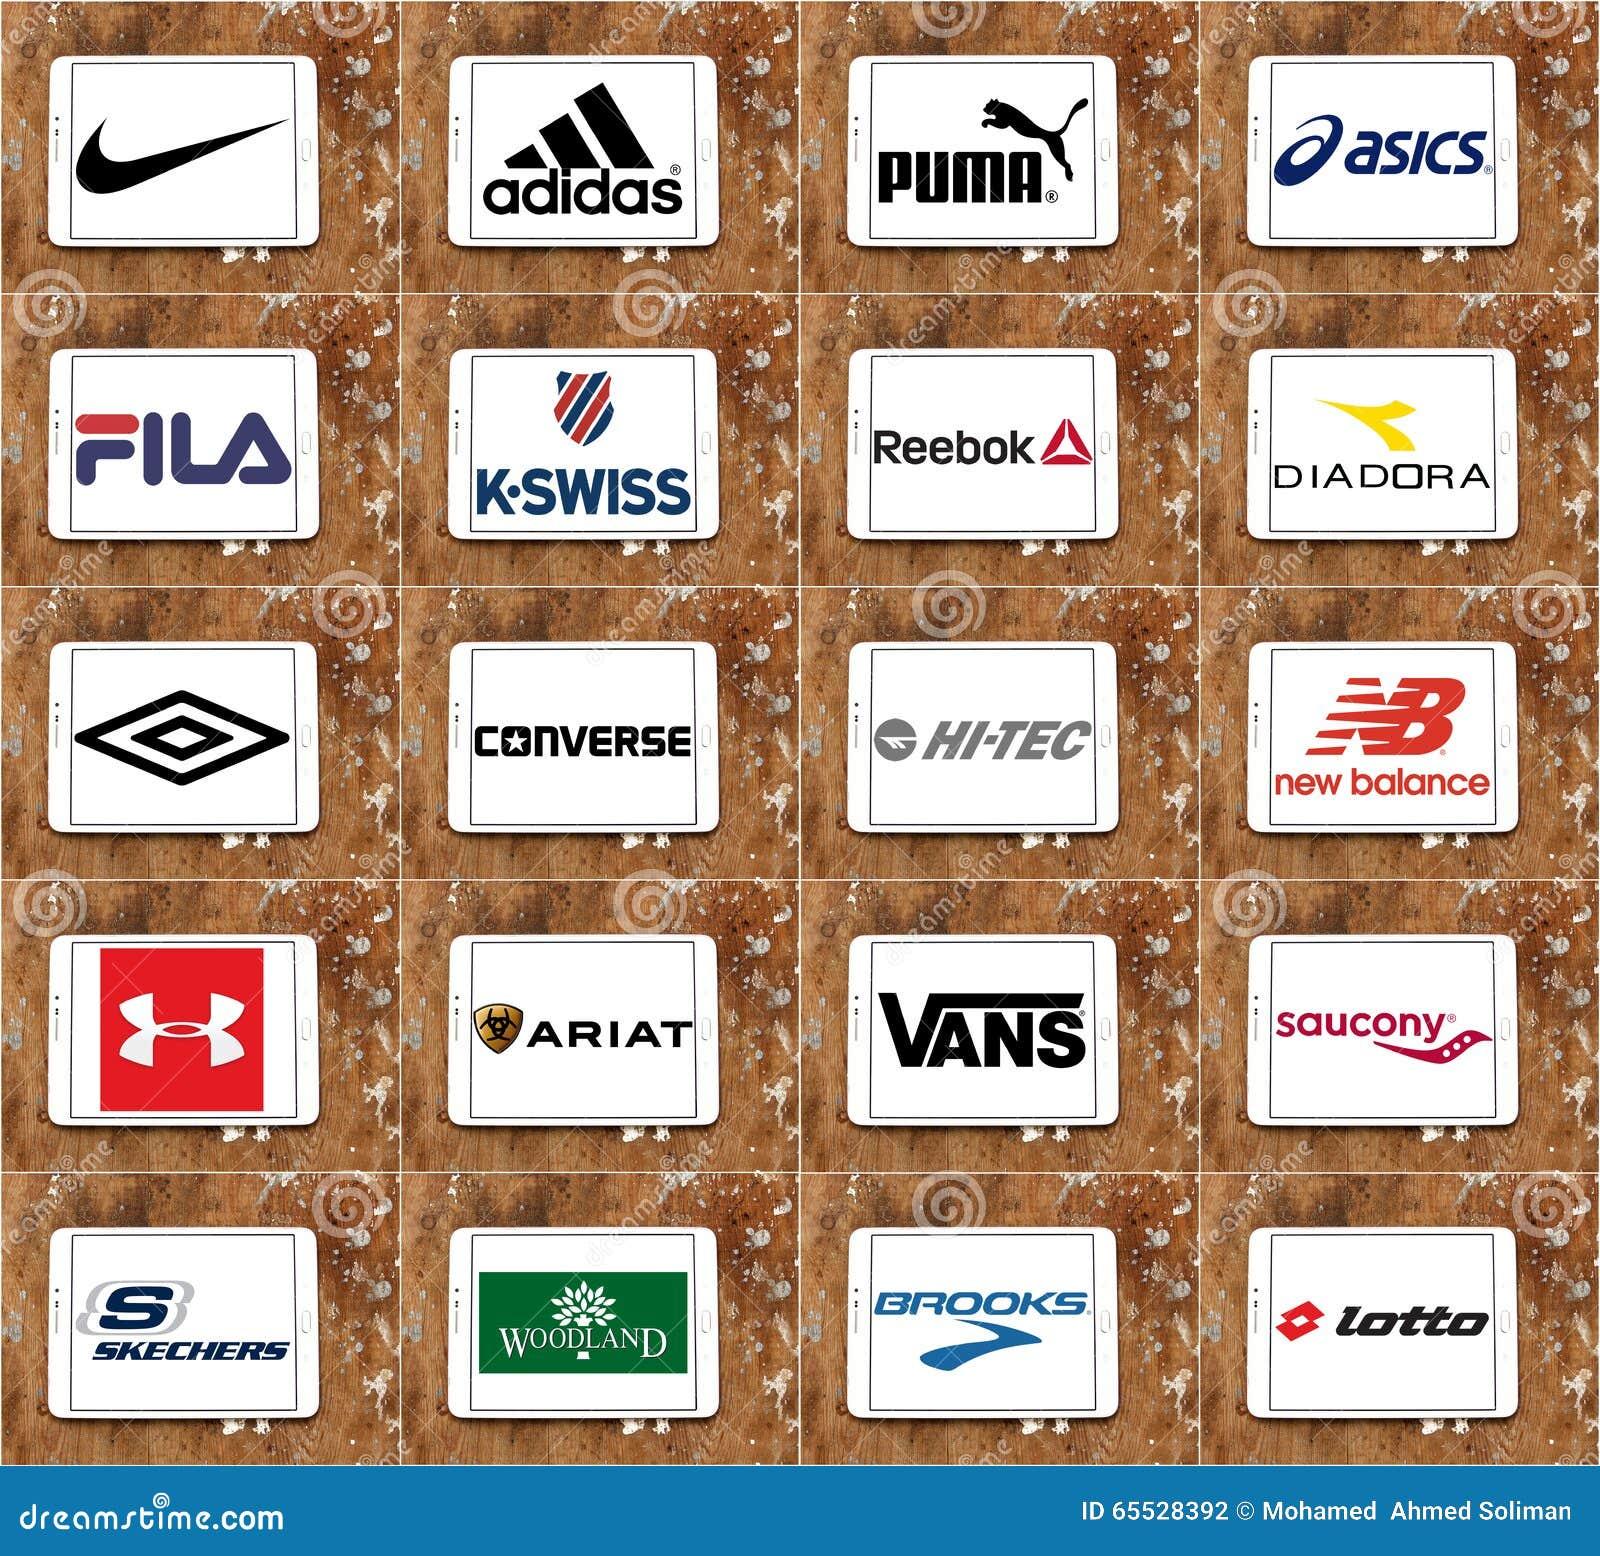 Τοπ διάσημα sportswear εμπορικά σήματα και λογότυπα επιχειρήσεων